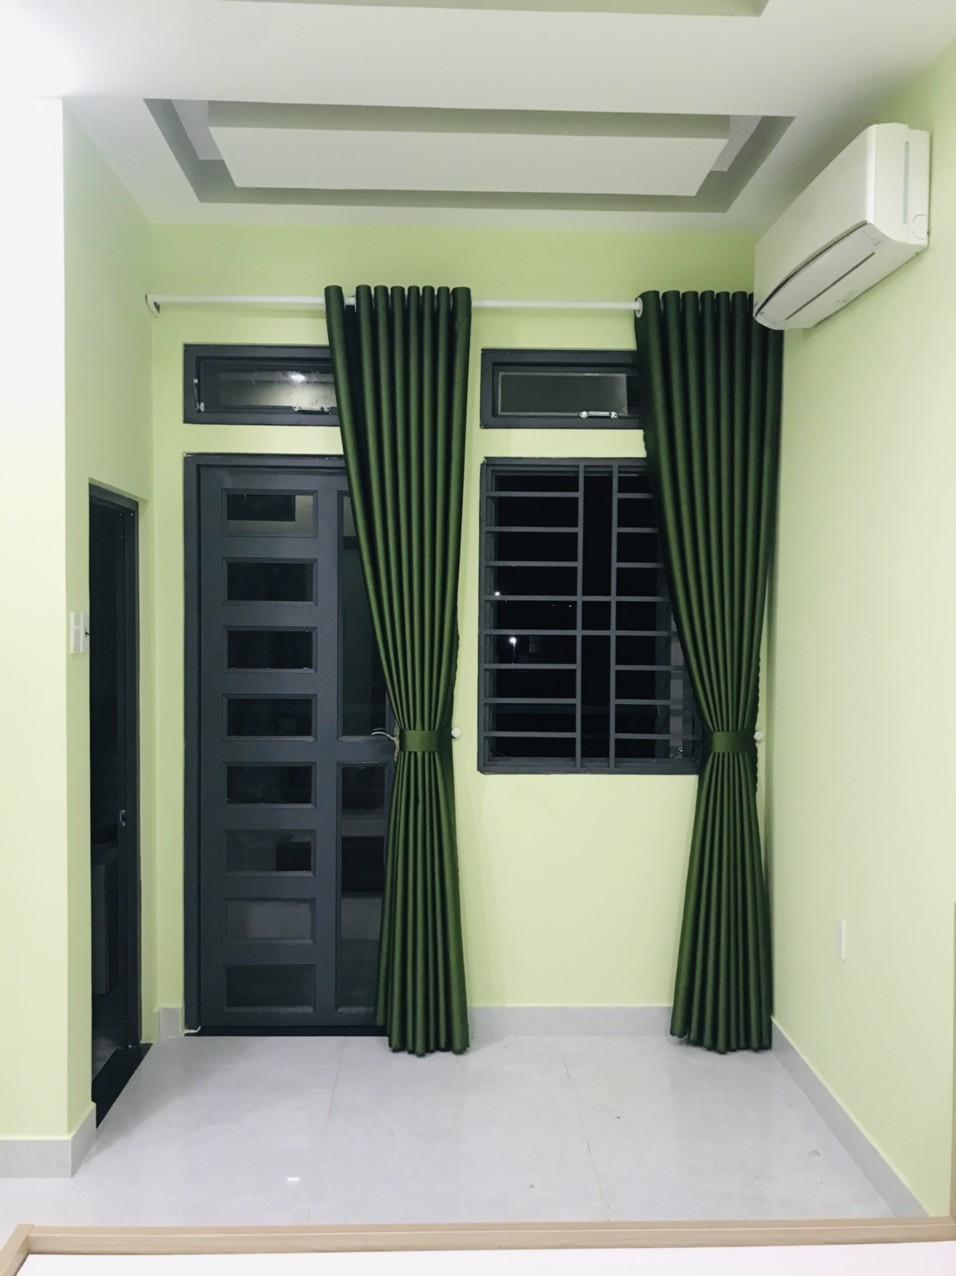 Rèm cửa chống nắng - Màu Xám Tím Đậm  Sọc Thẳng